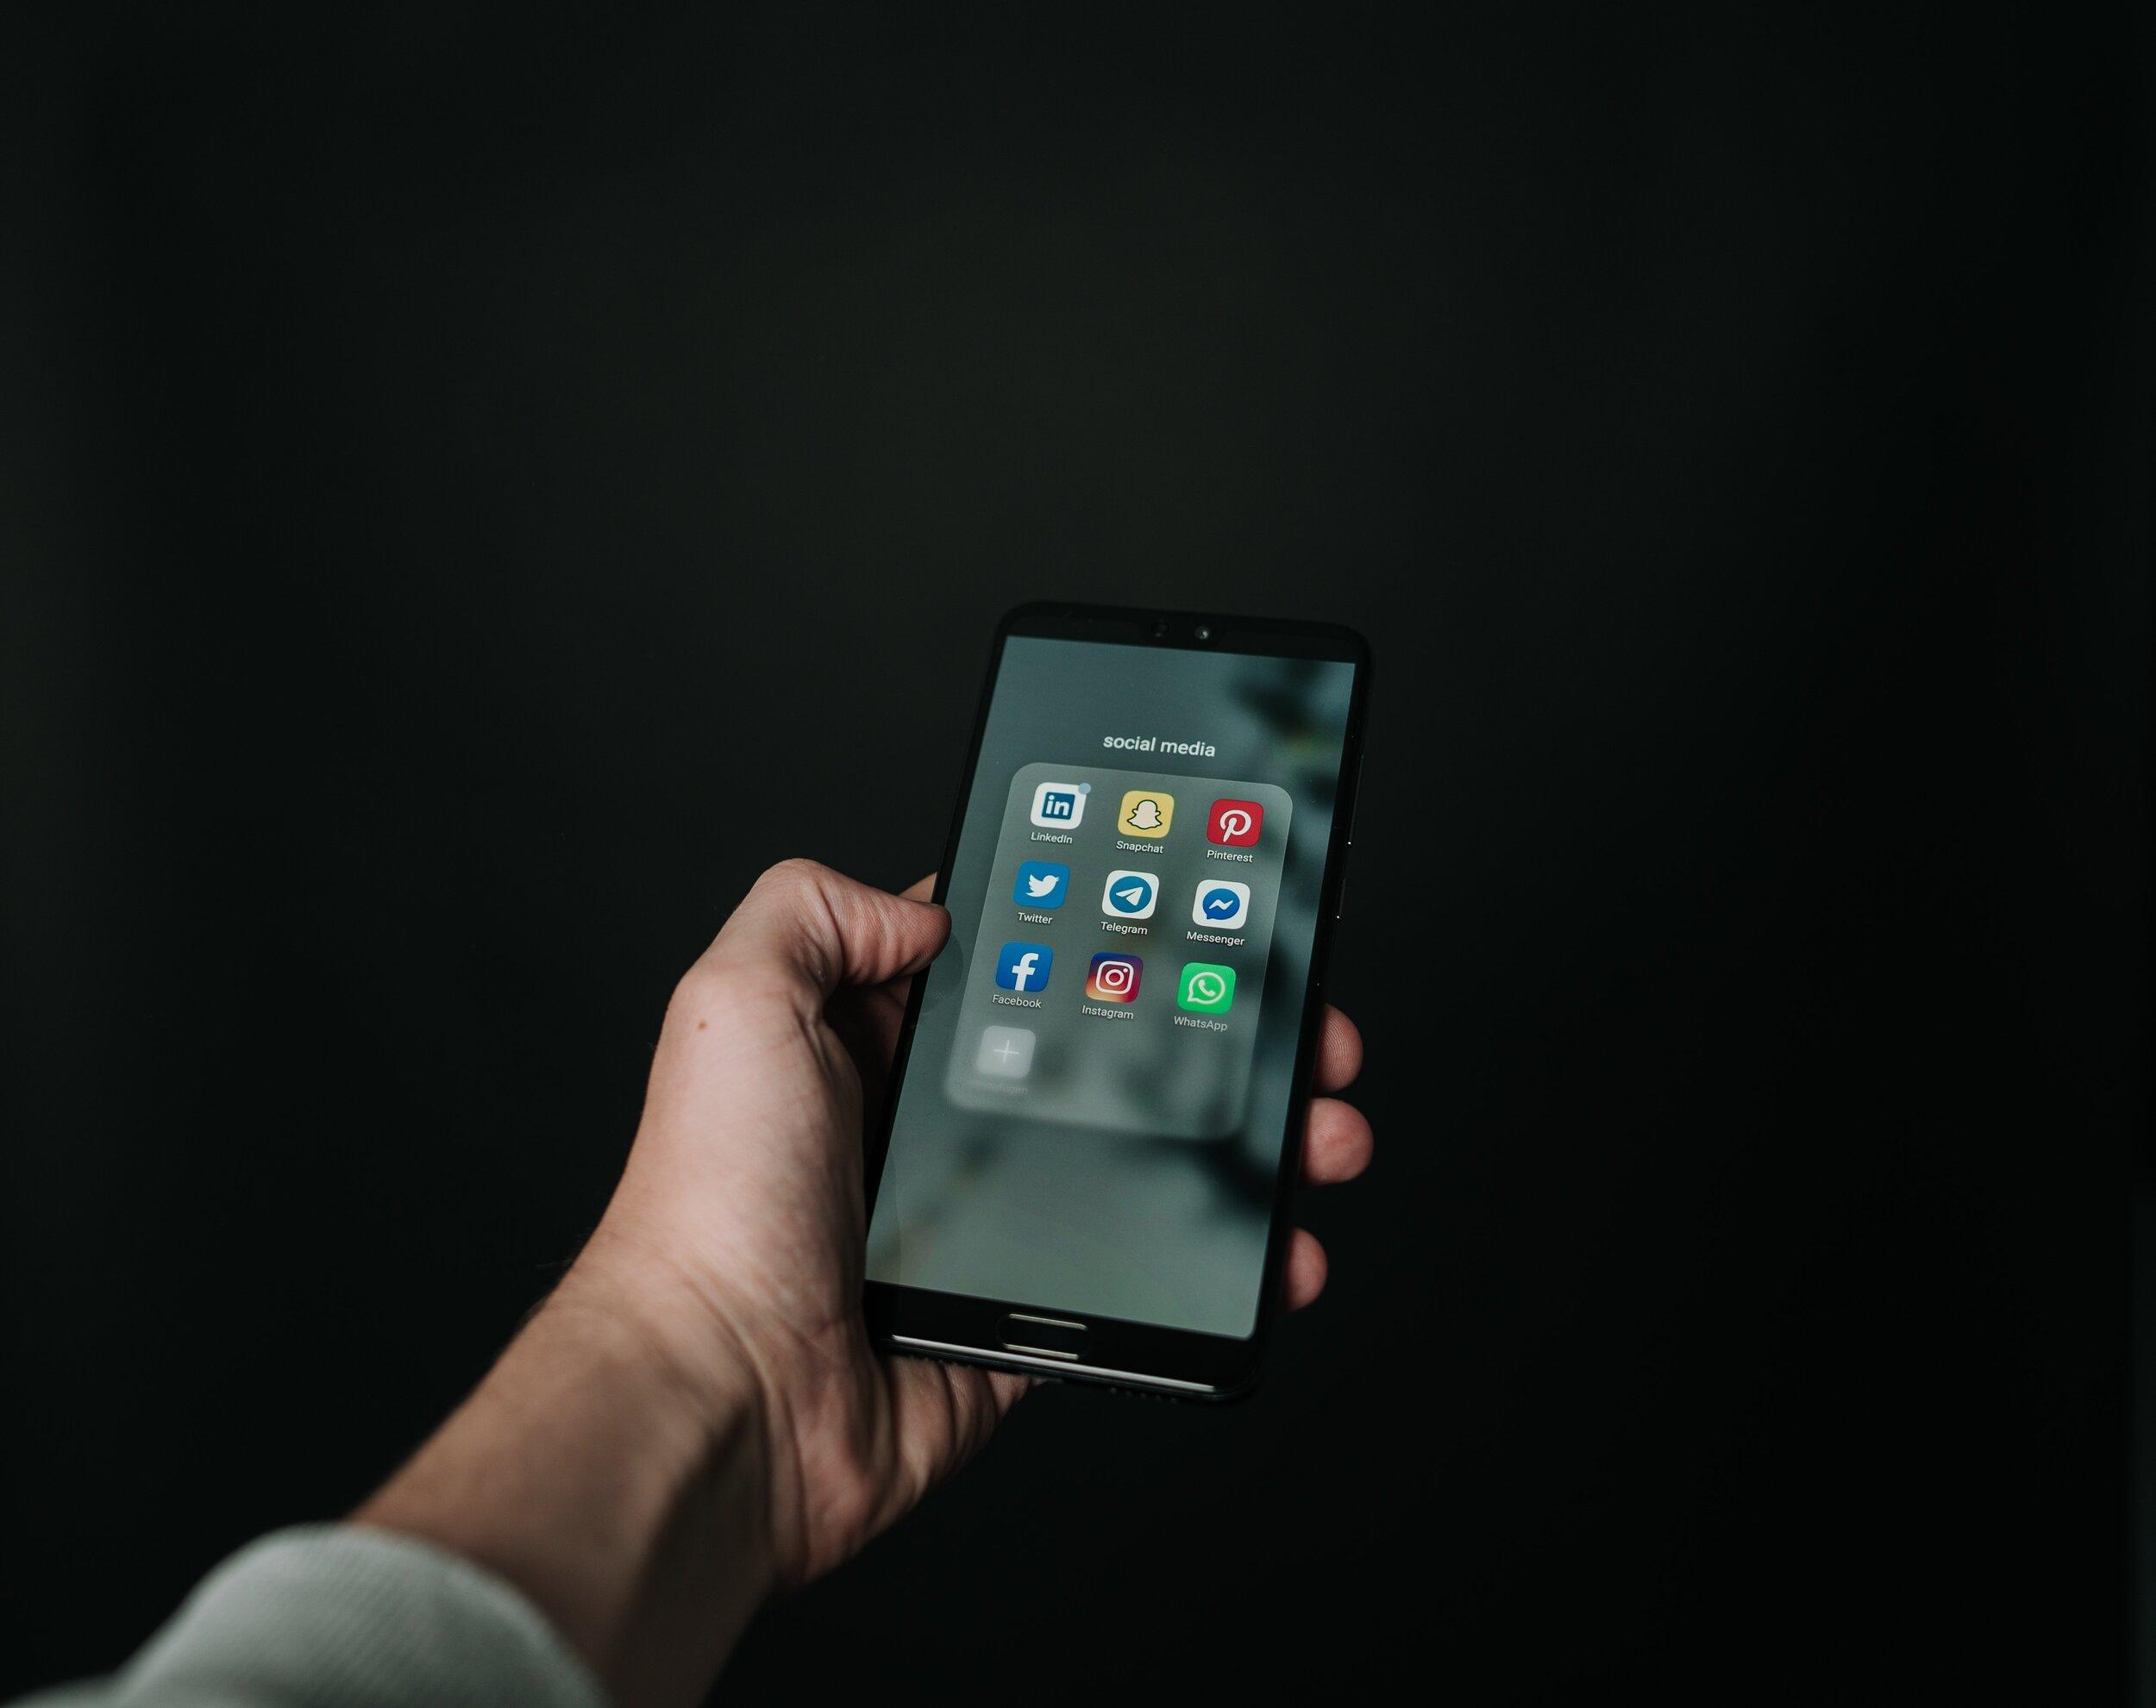 Benefits-of-Social-Media-Customer-Service.jpg